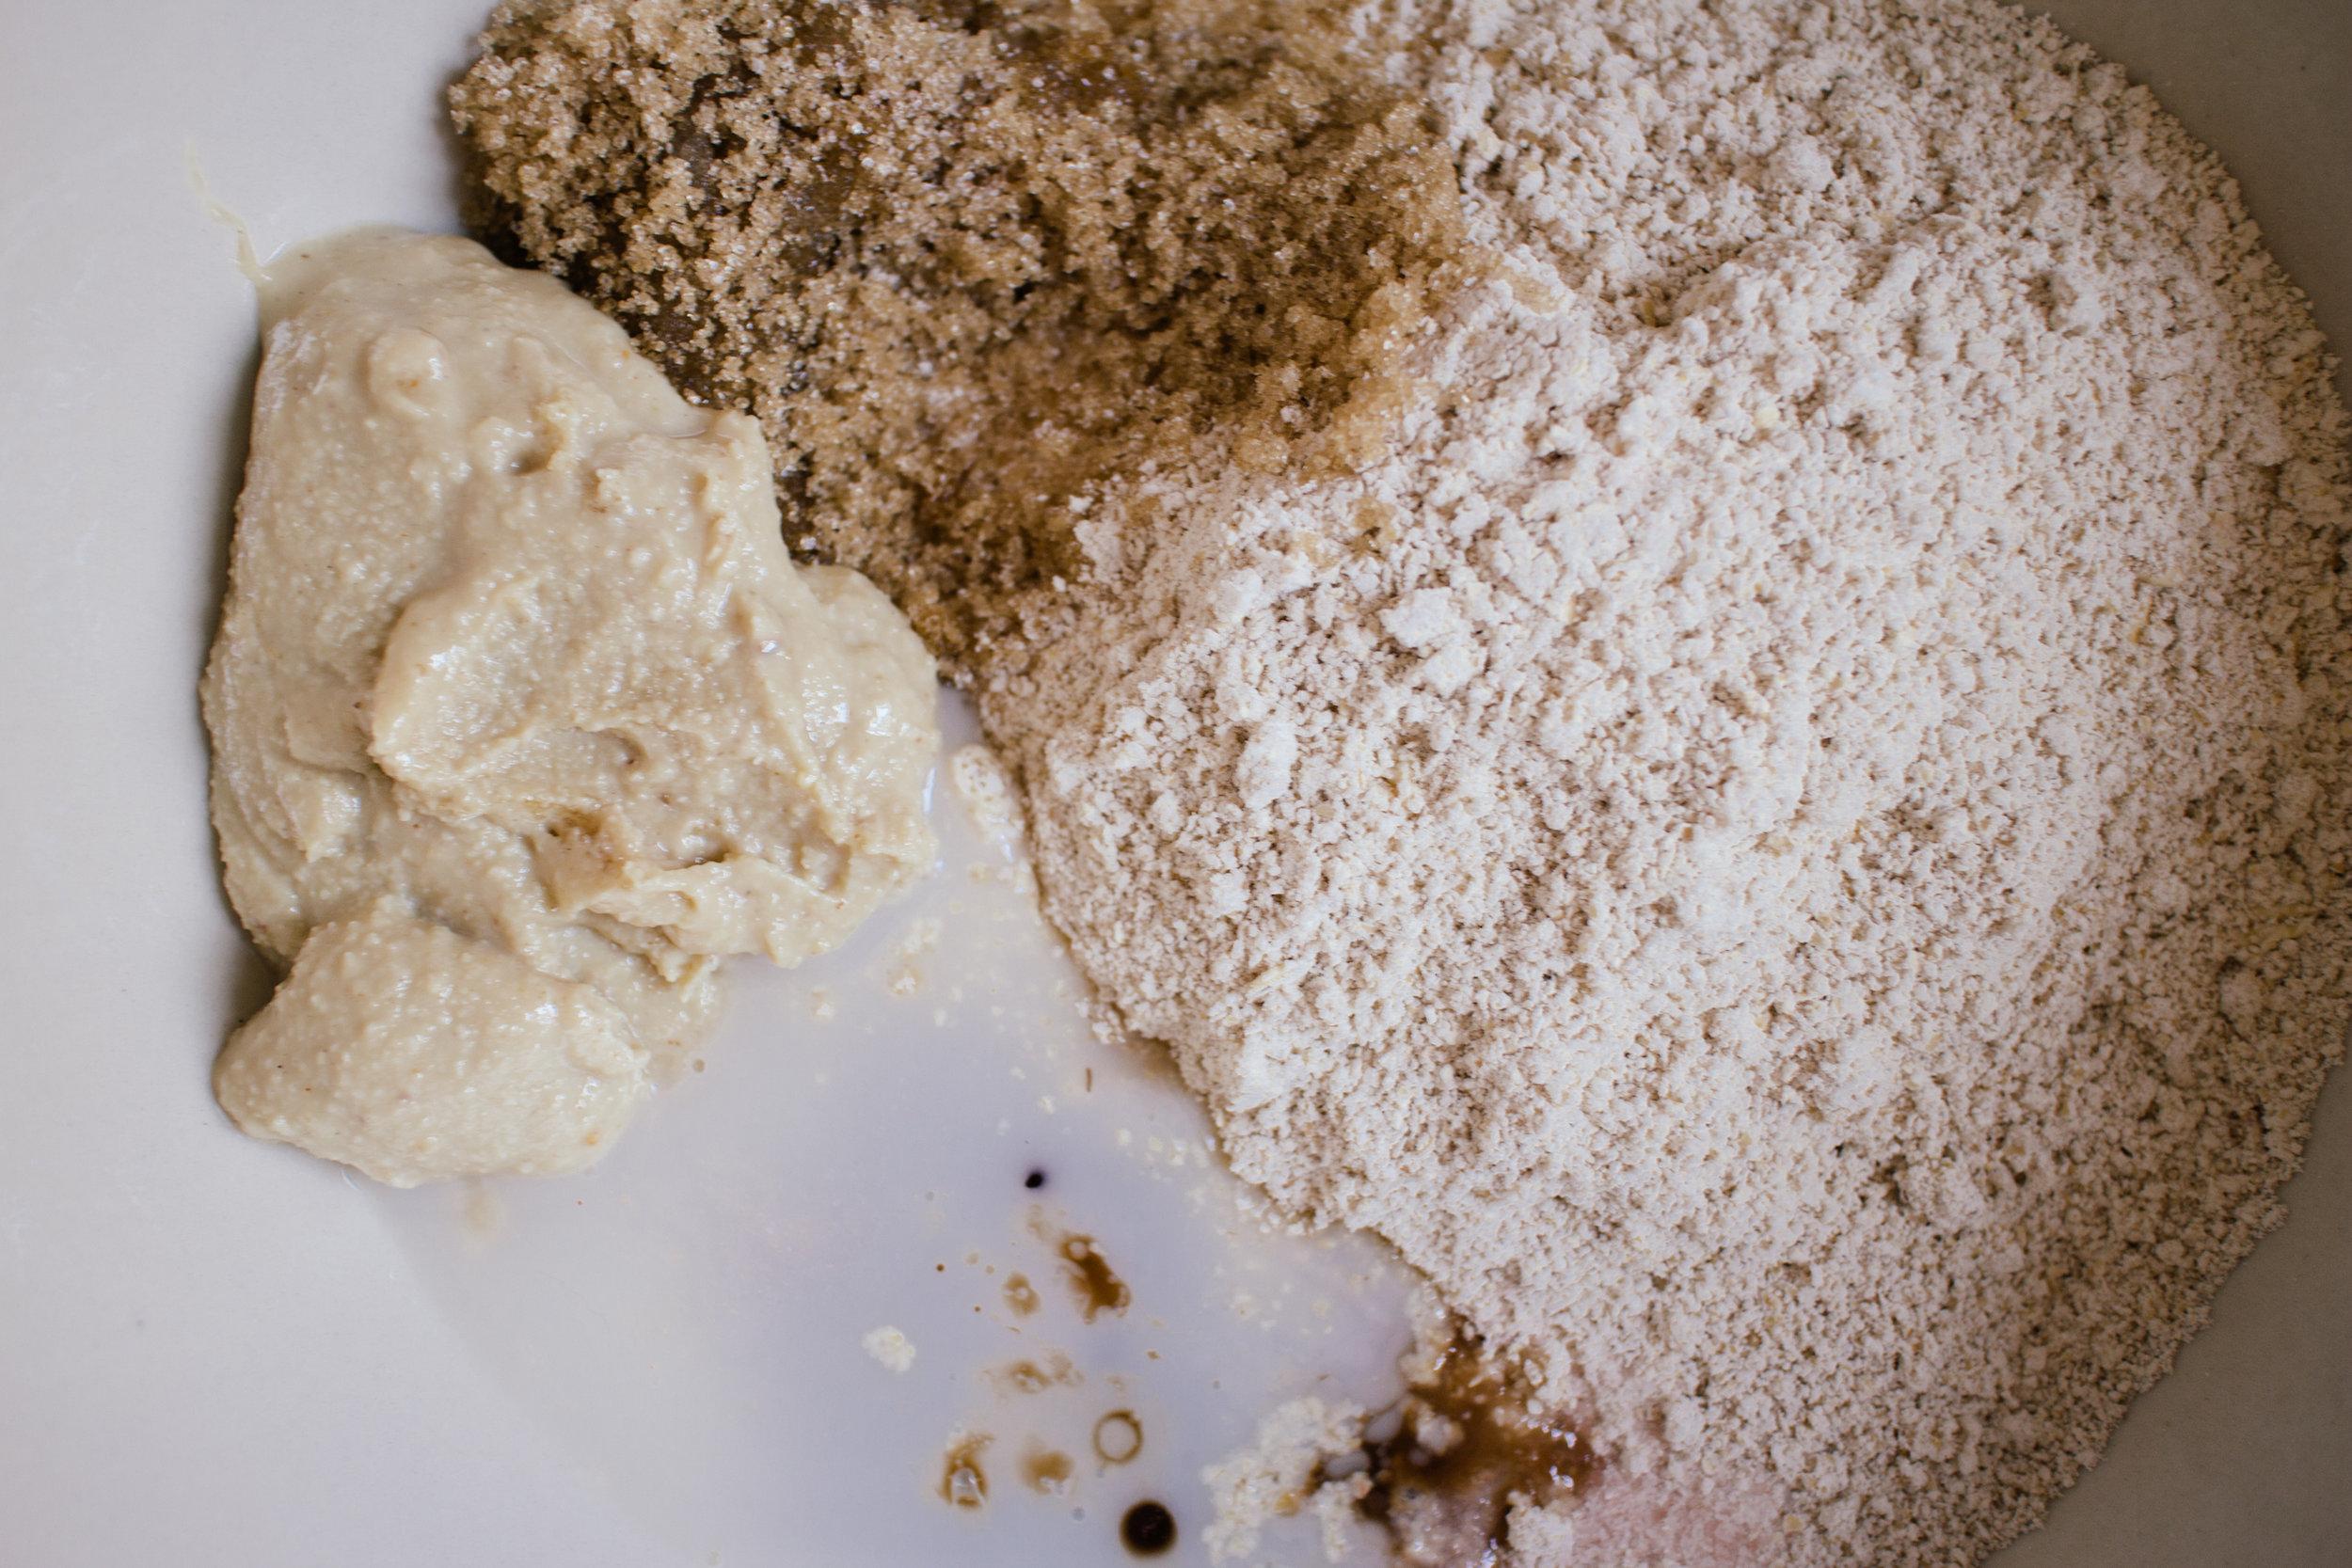 galletas cacahuate-7.jpg